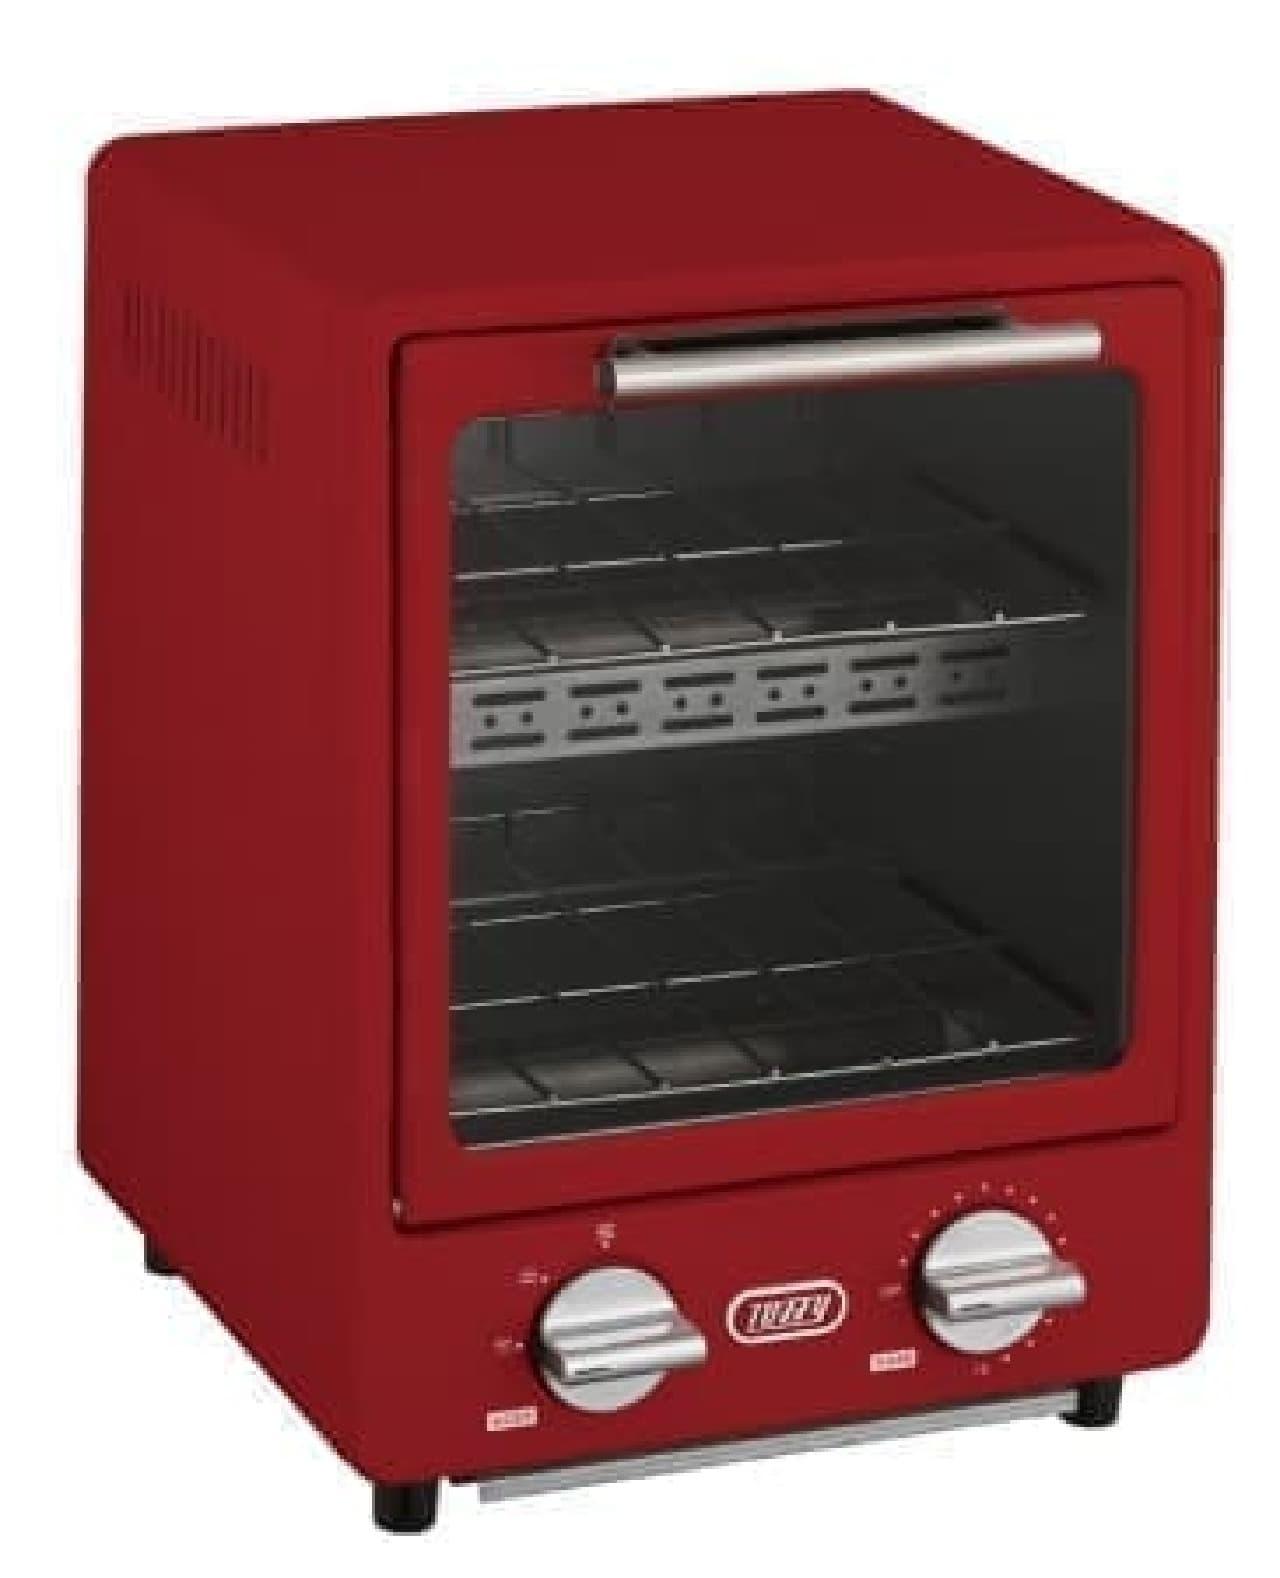 Toffyオーブントースターの新色「アンティークレッド」